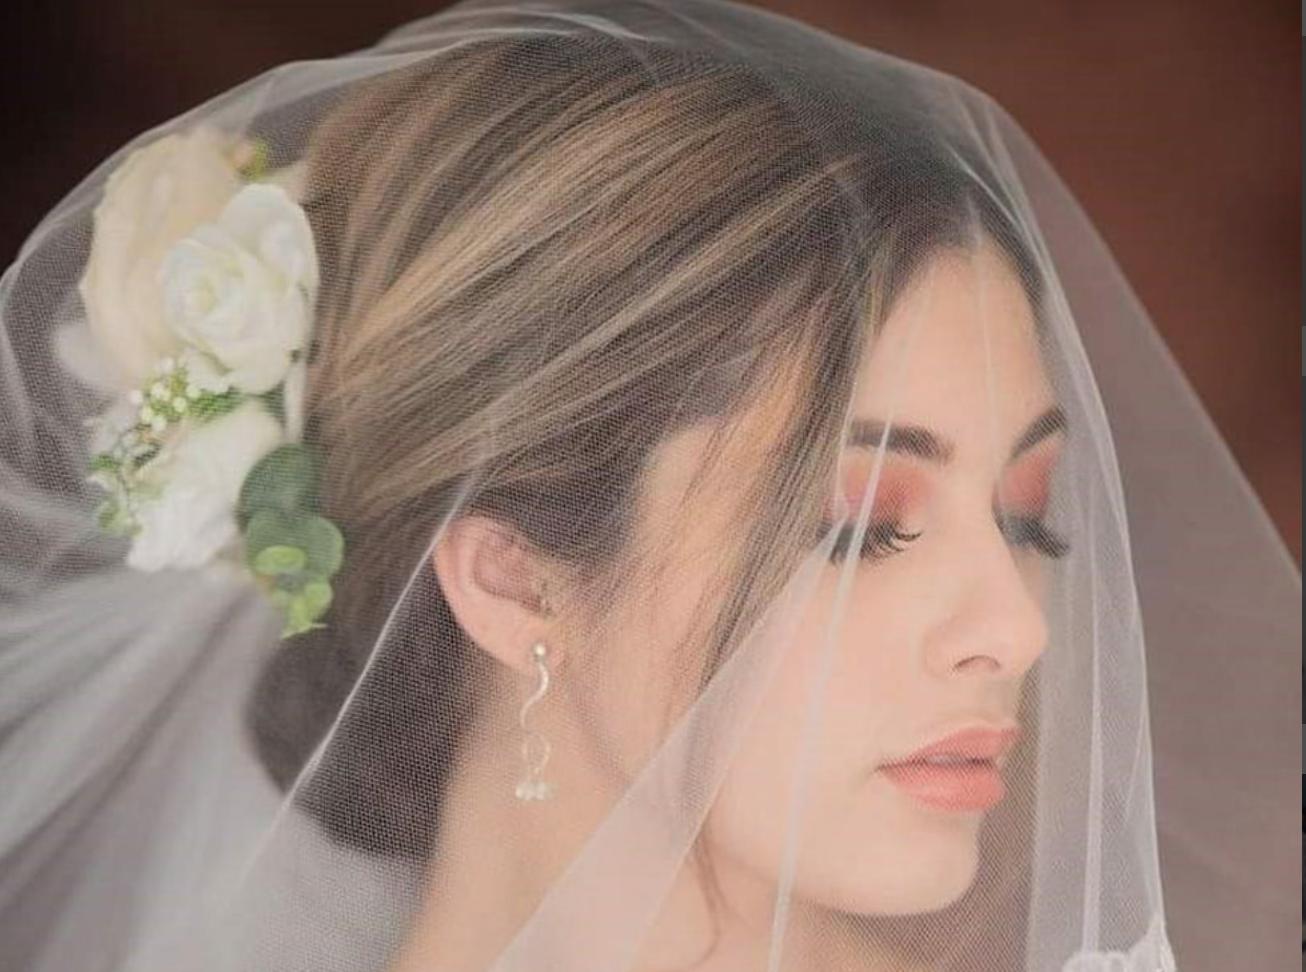 Makeup by Design - Sarah Ortiz